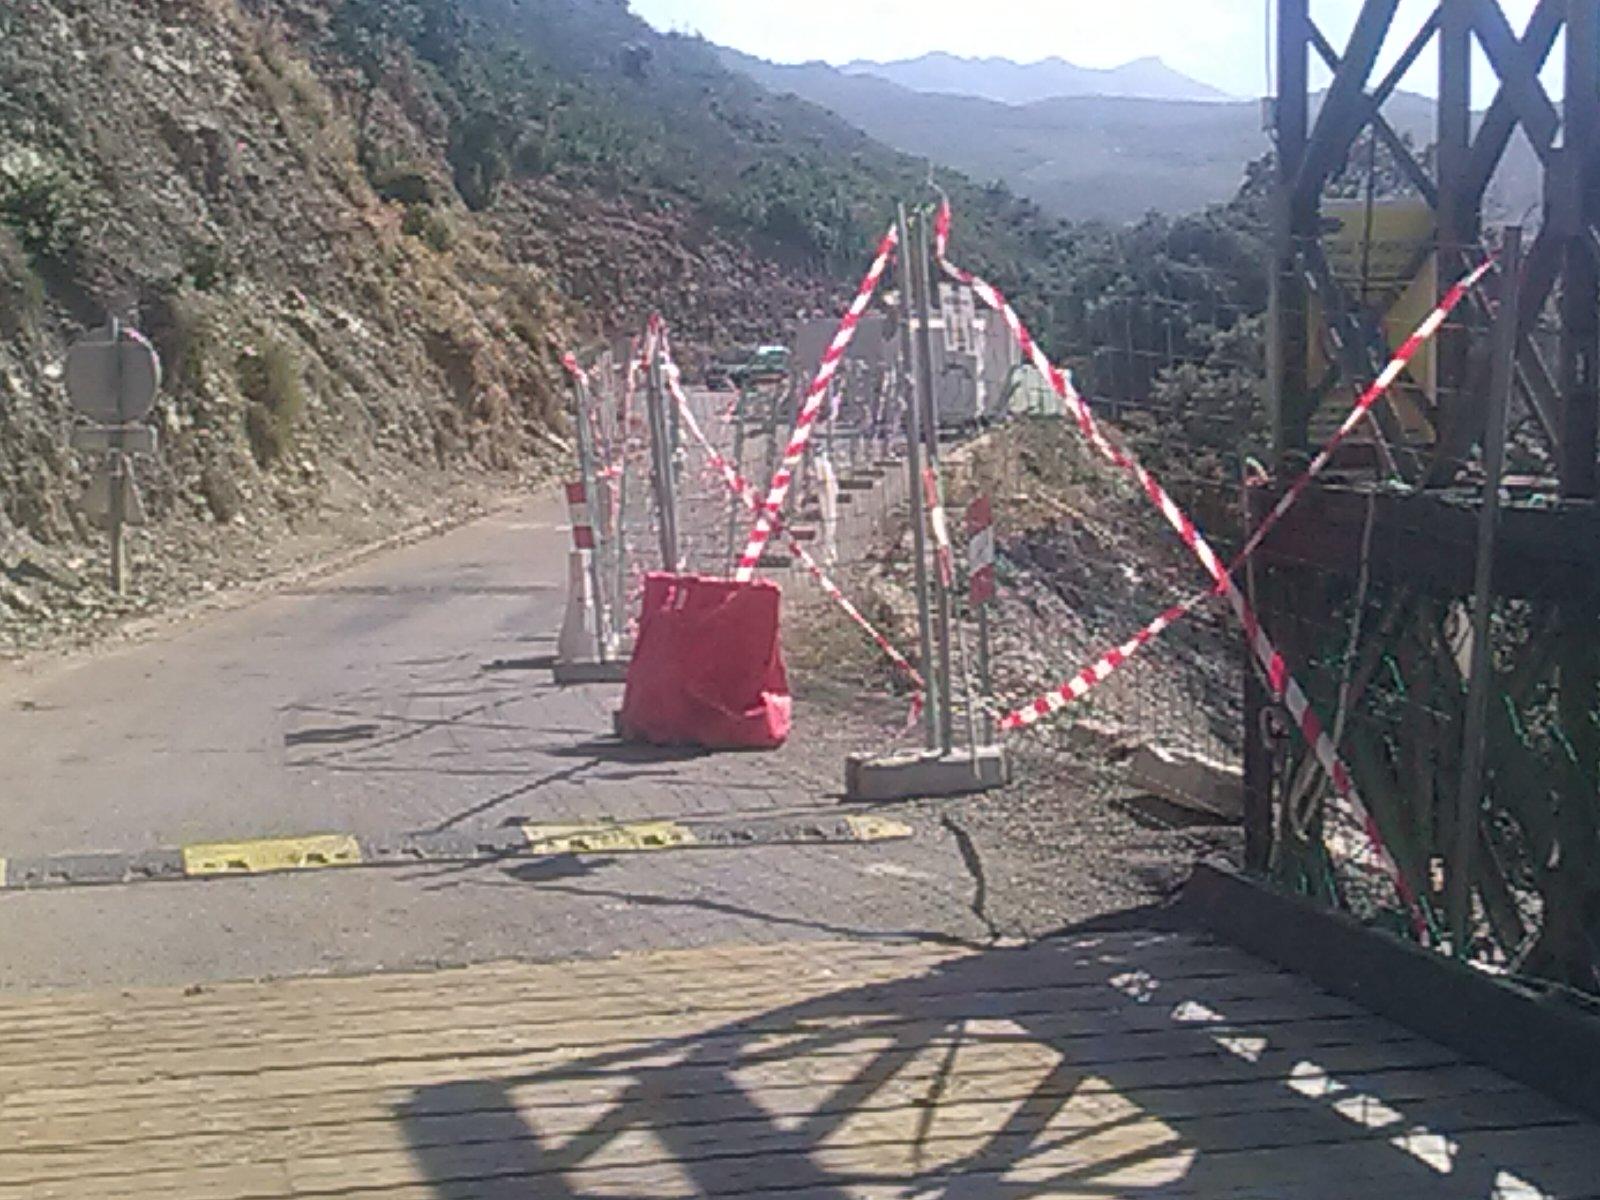 RD 80 ‐ section Olmeta di Capicorsu ‐ Ferringule : reprise des travaux et fermeture de la route de 22h à 7h sauf le week-end à partir du 1er octobre 2018